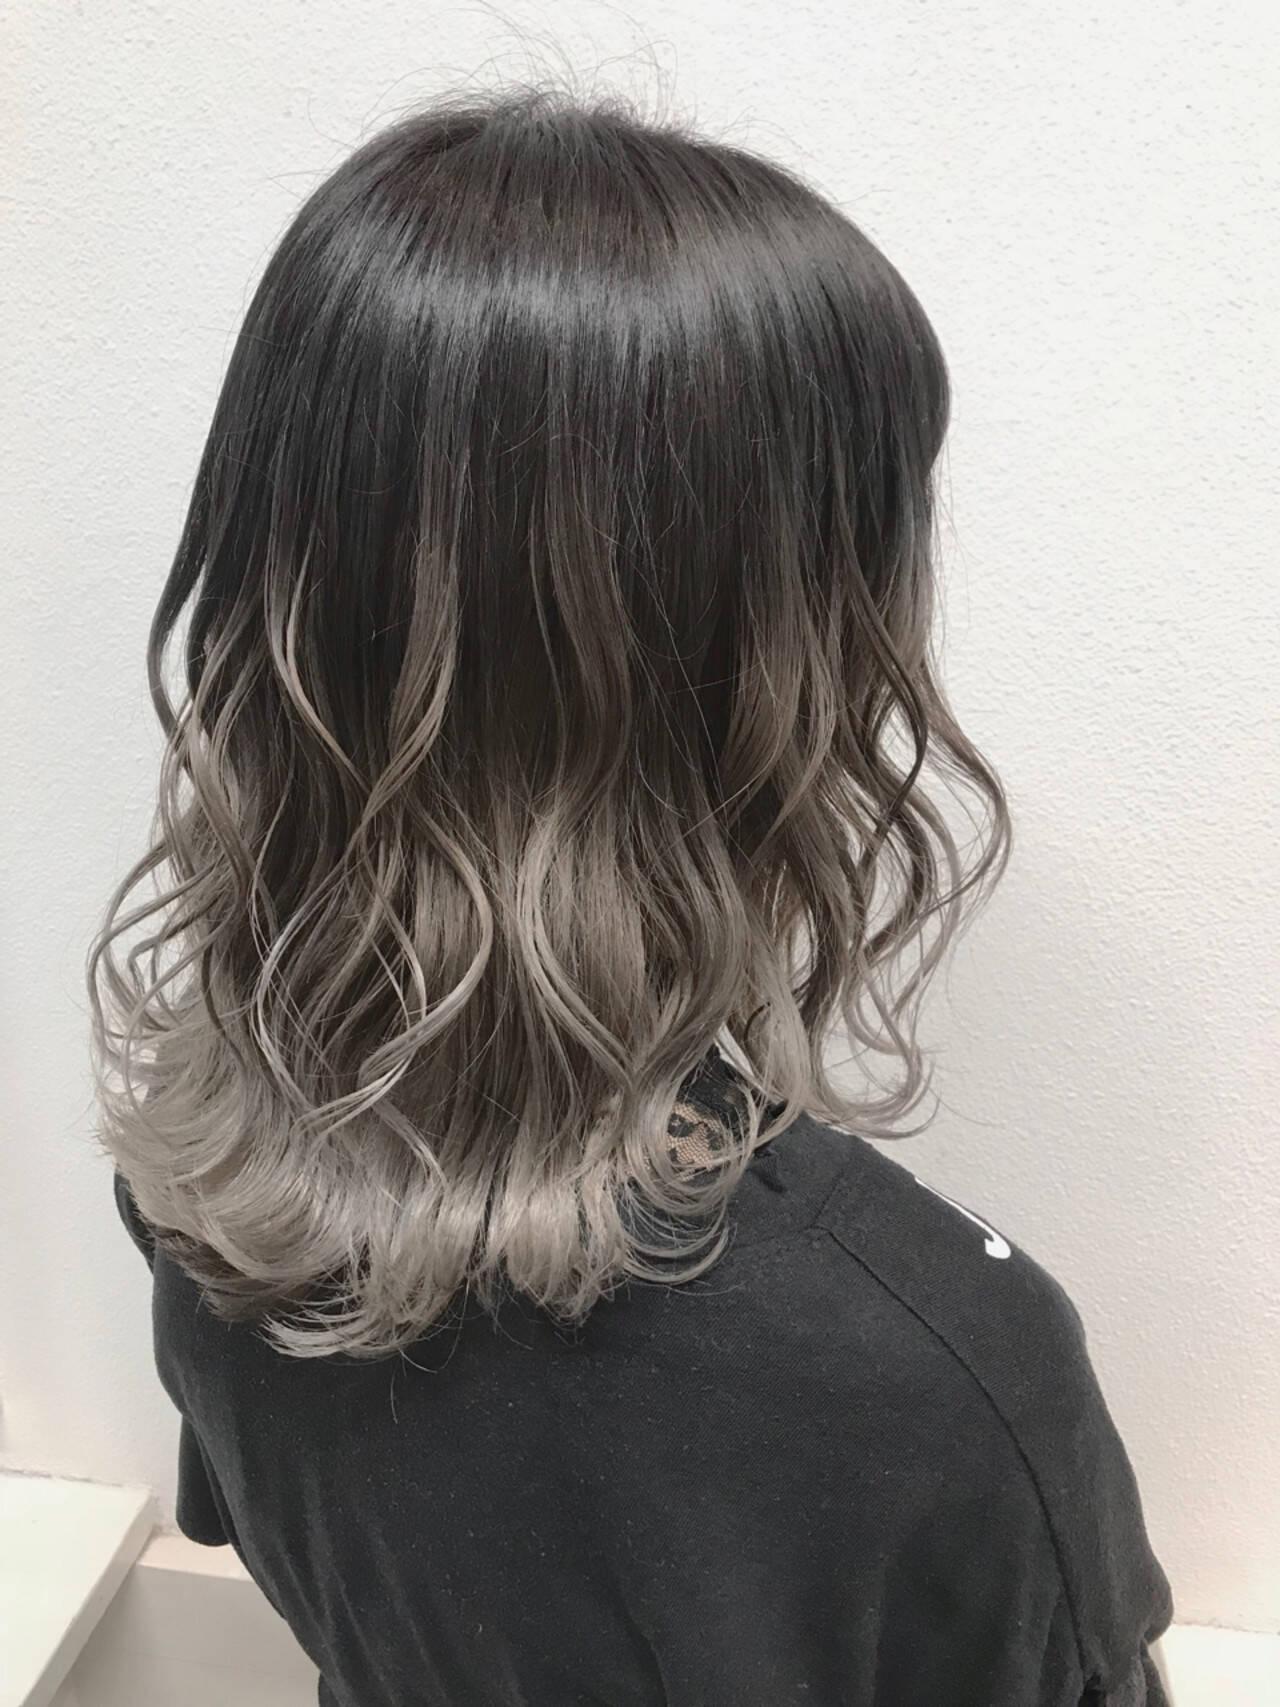 透明感 シルバー バレイヤージュ ストリートヘアスタイルや髪型の写真・画像